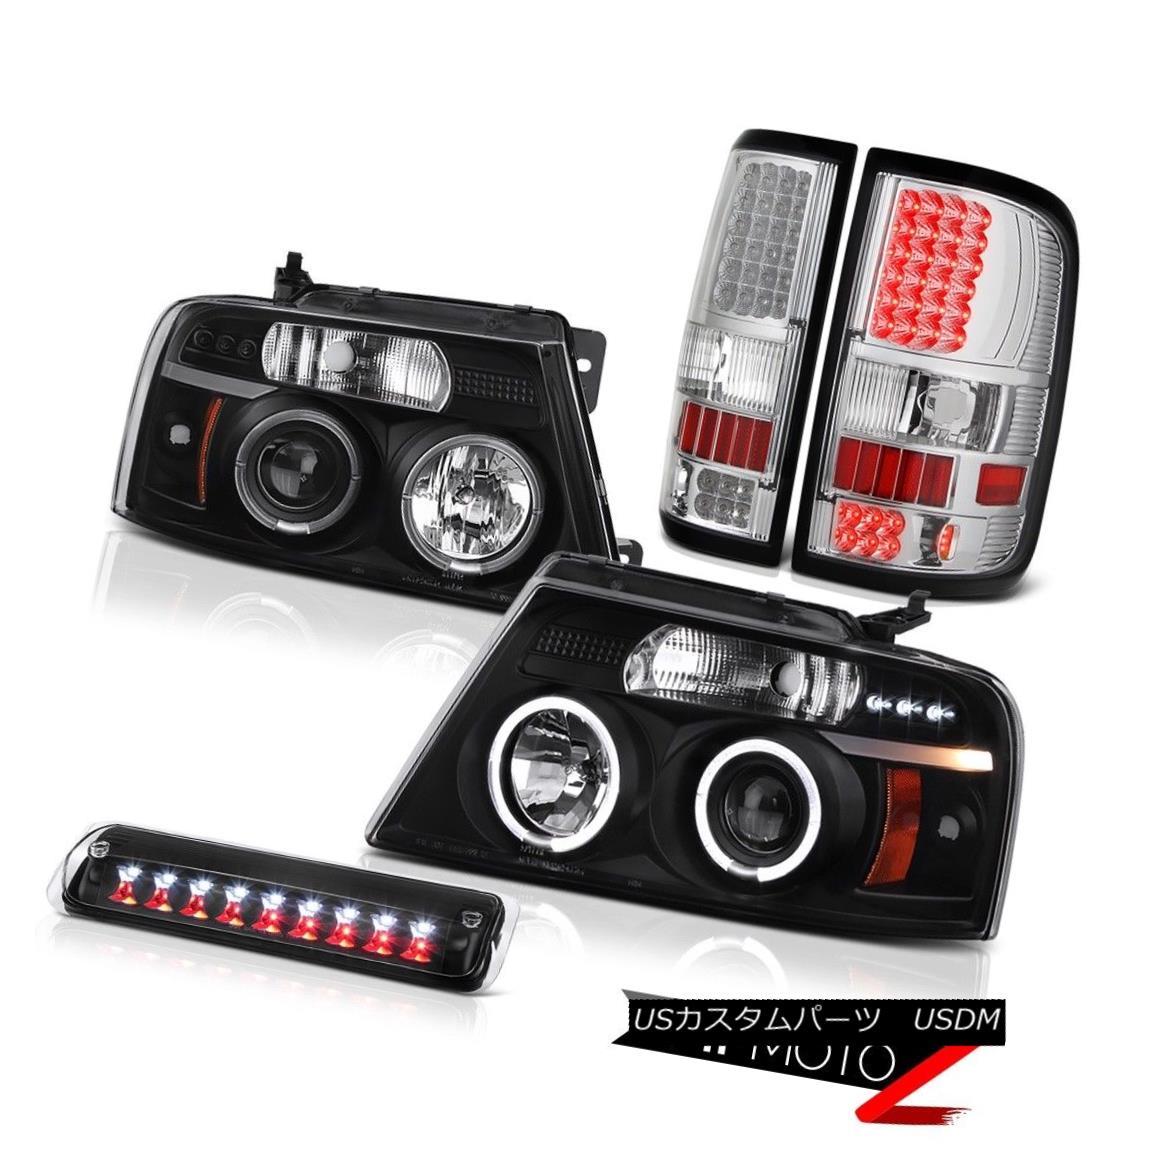 テールライト 2004-2008 Ford F150 XL Roof Brake Light Tail Lights Headlamps LED